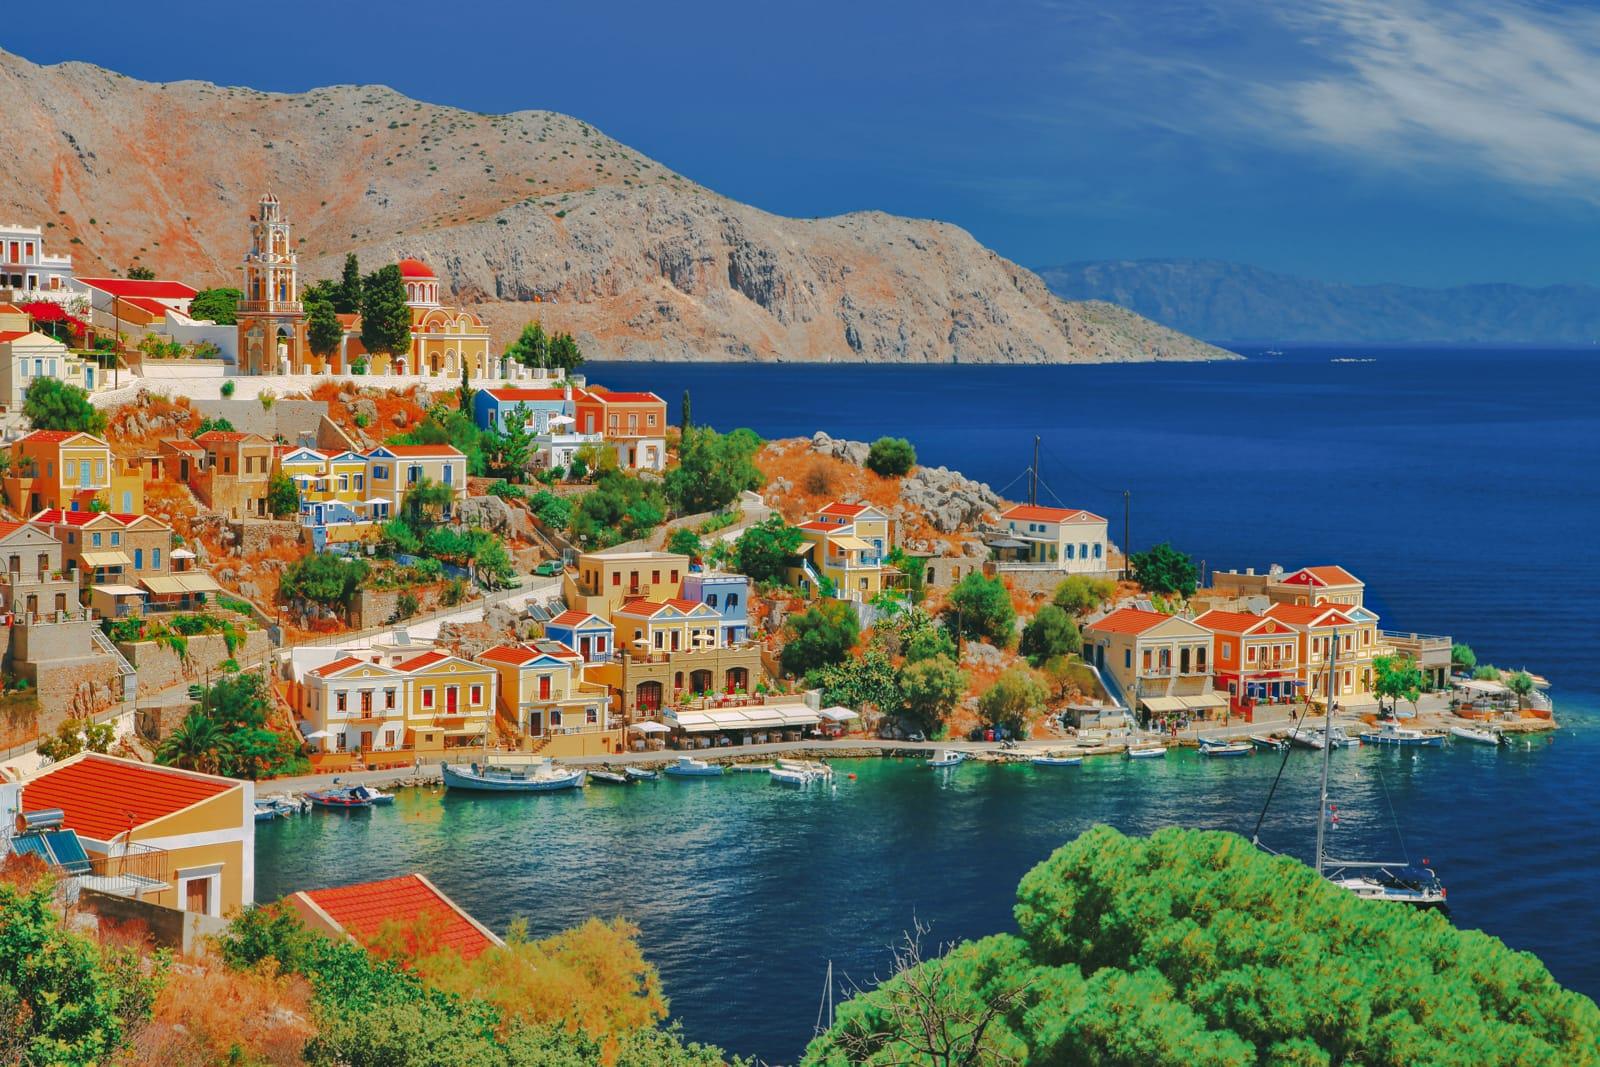 'Địa đàng' Hy Lạp cho các cặp tình nhân lãng mạn và sang chảnh